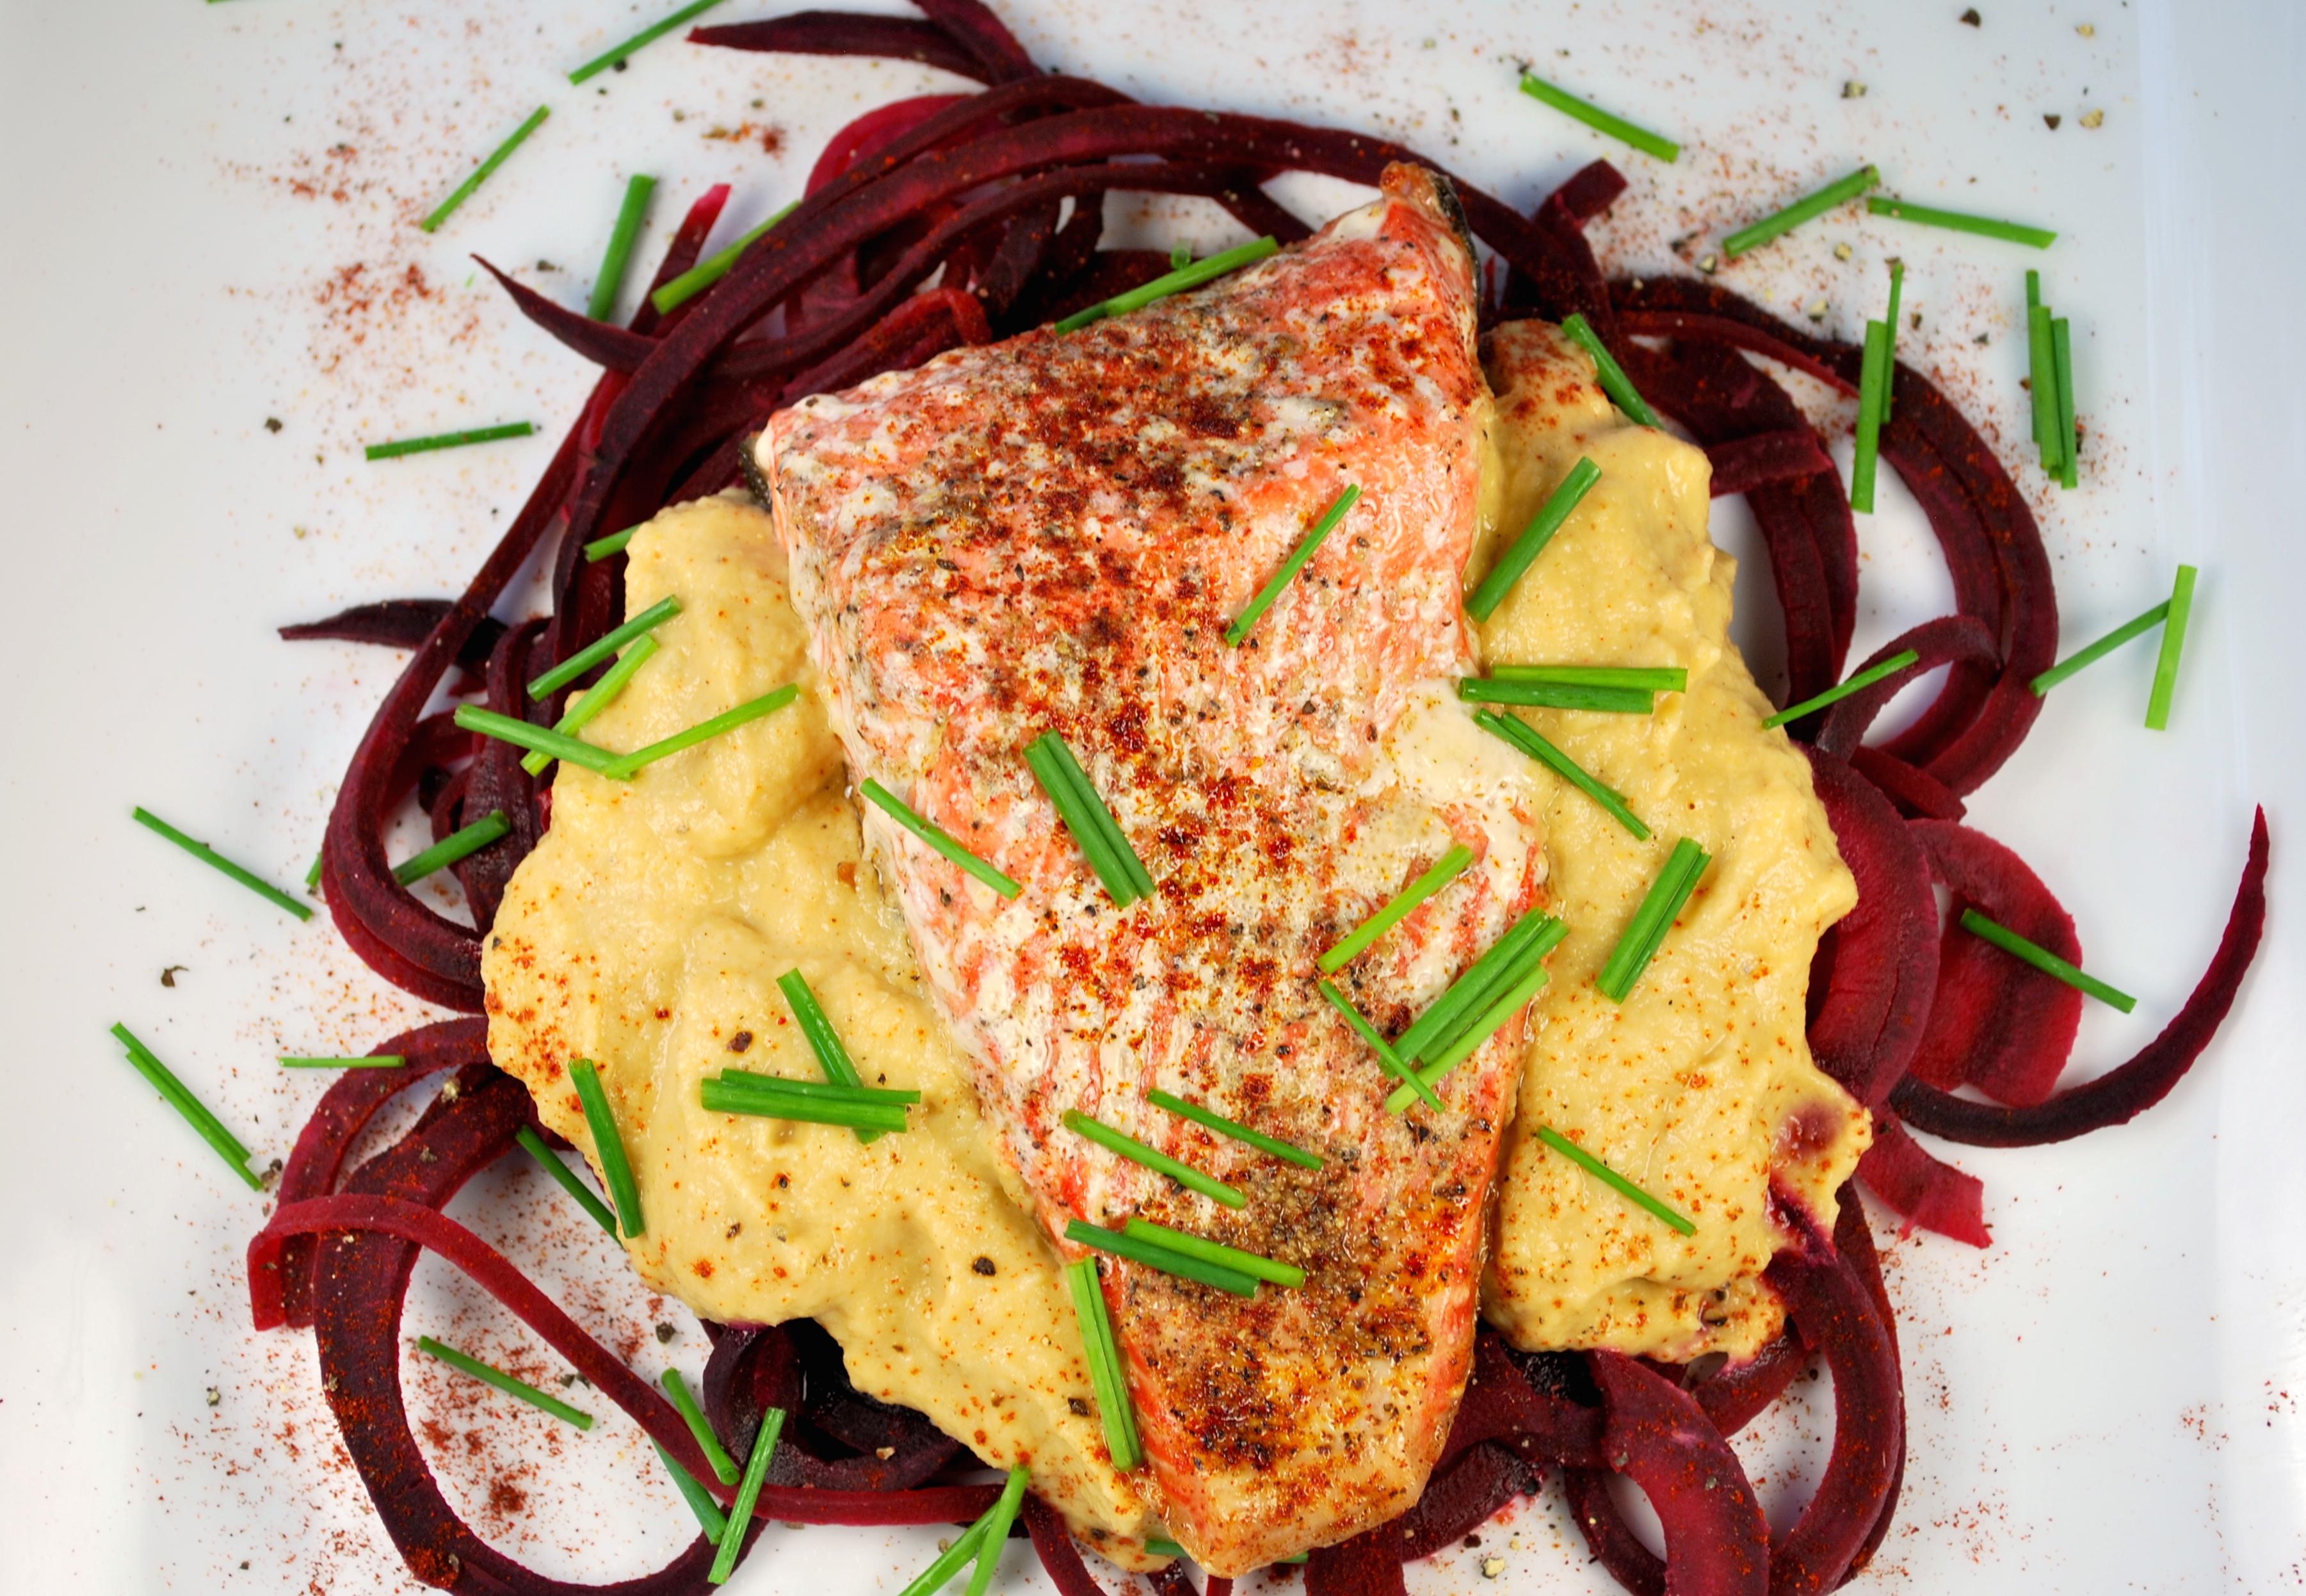 spiralizing recipes - beet pasta salmon